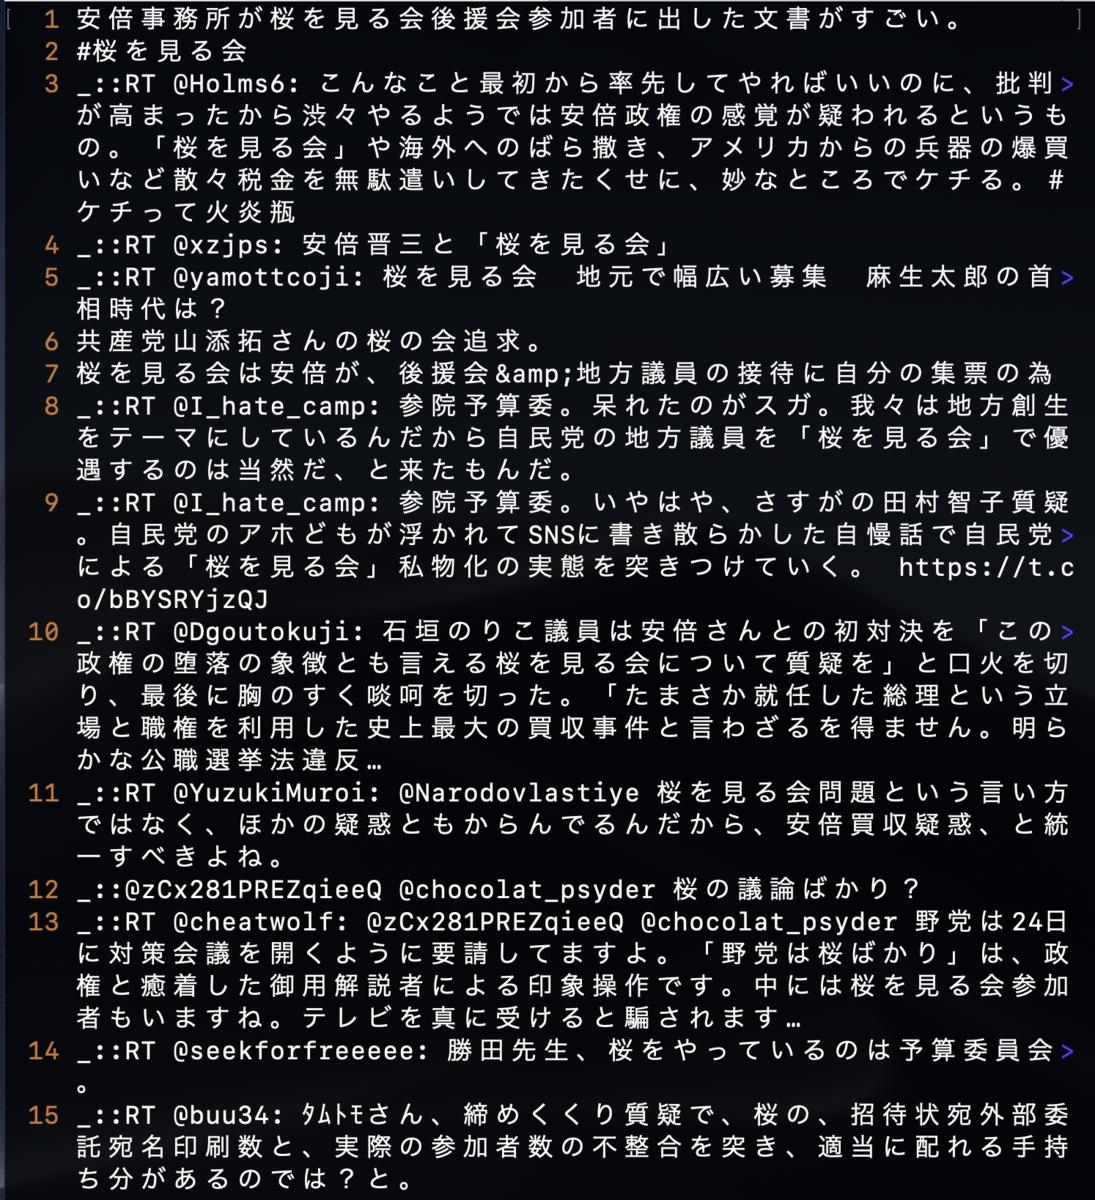 f:id:min117:20200202123111p:plain